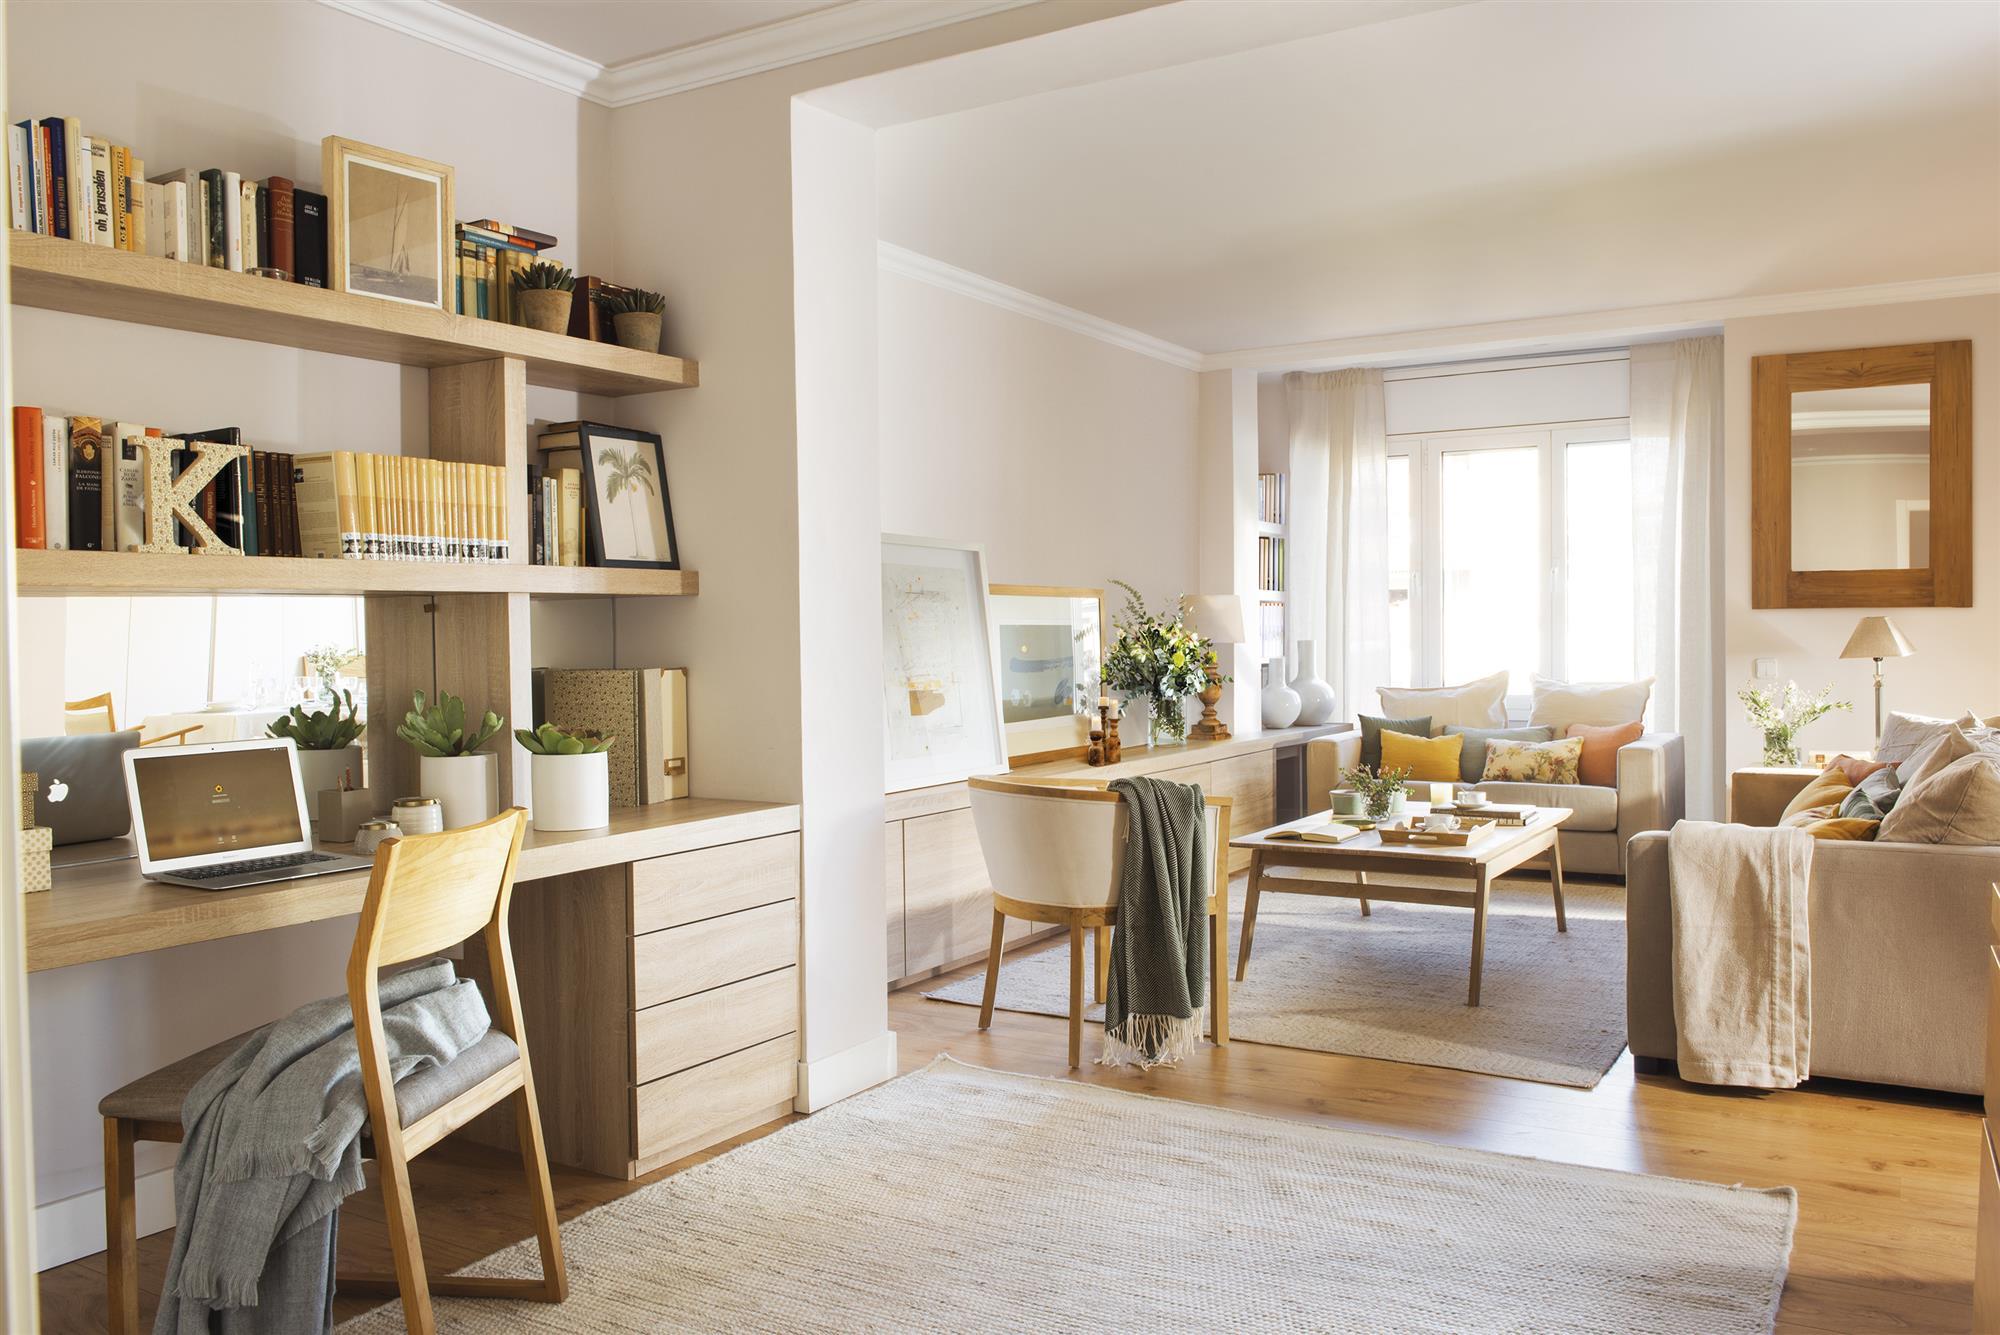 Estudios Fotograf As Y Art Culos Sobre Decoraci N De Estudios En Casa # Muebles Doble Fondo